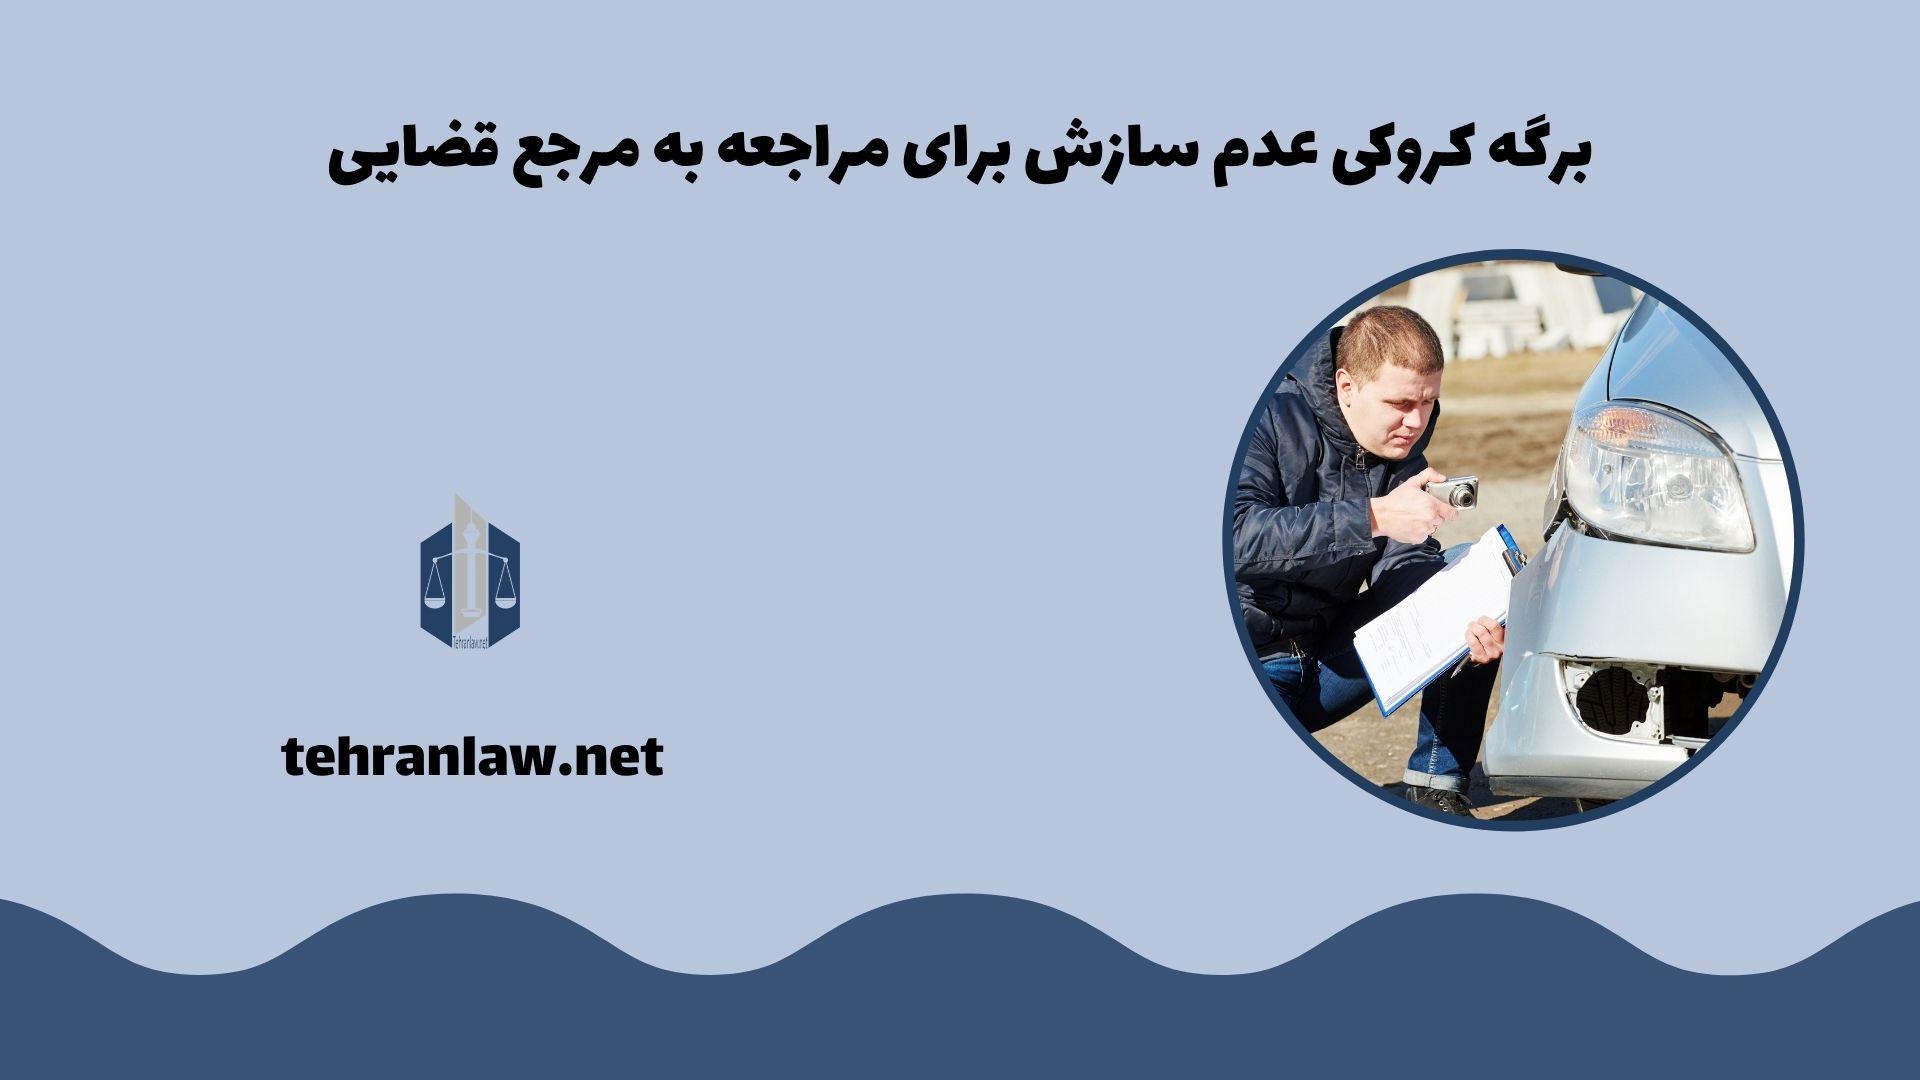 برگه کروکی عدم سازش برای مراجعه به مرجع قضایی